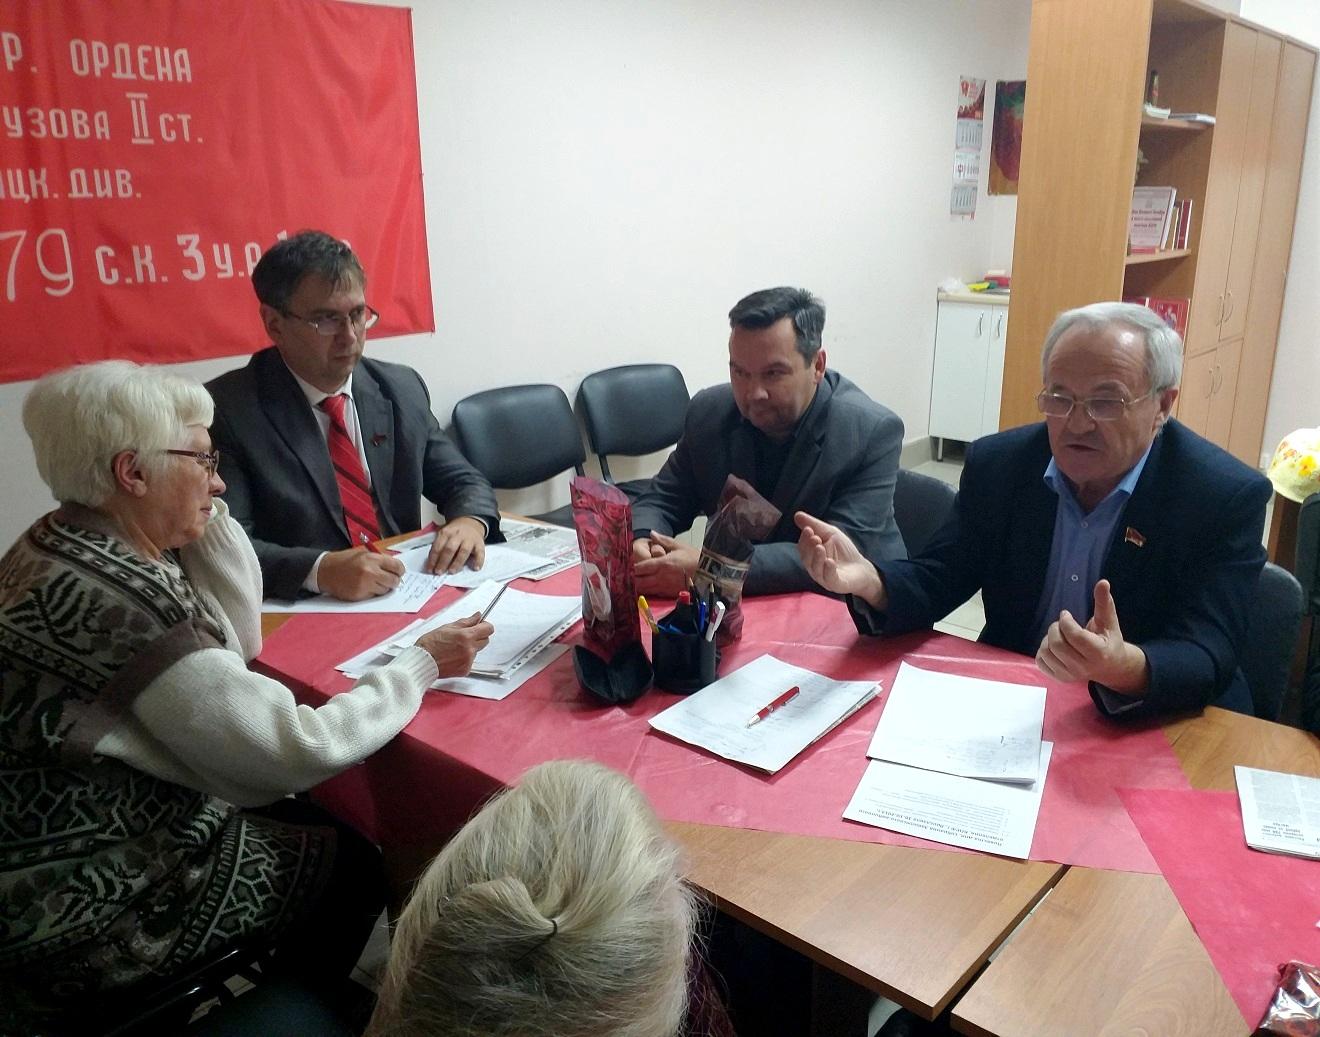 Состоялось собрание Заволжского районного отделения КПРФ